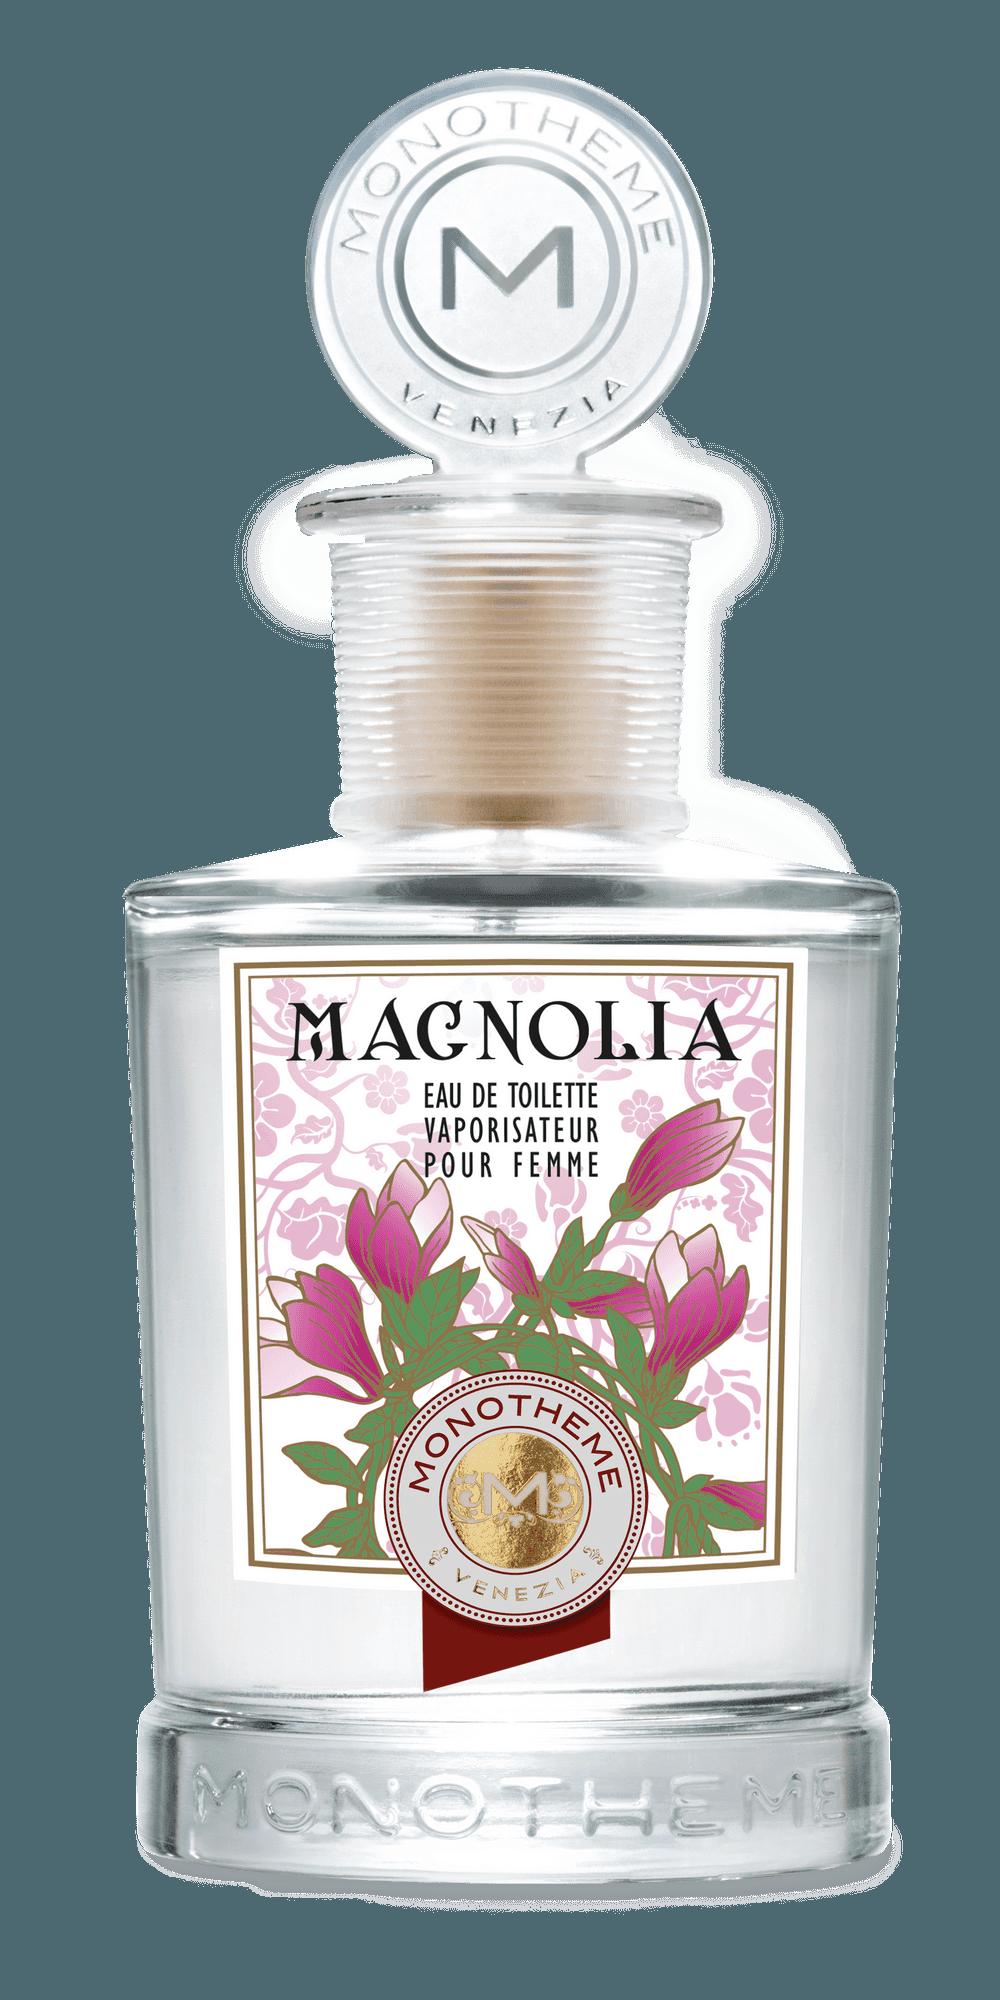 MONOTHEME MAGNOLIA EDT 100ML